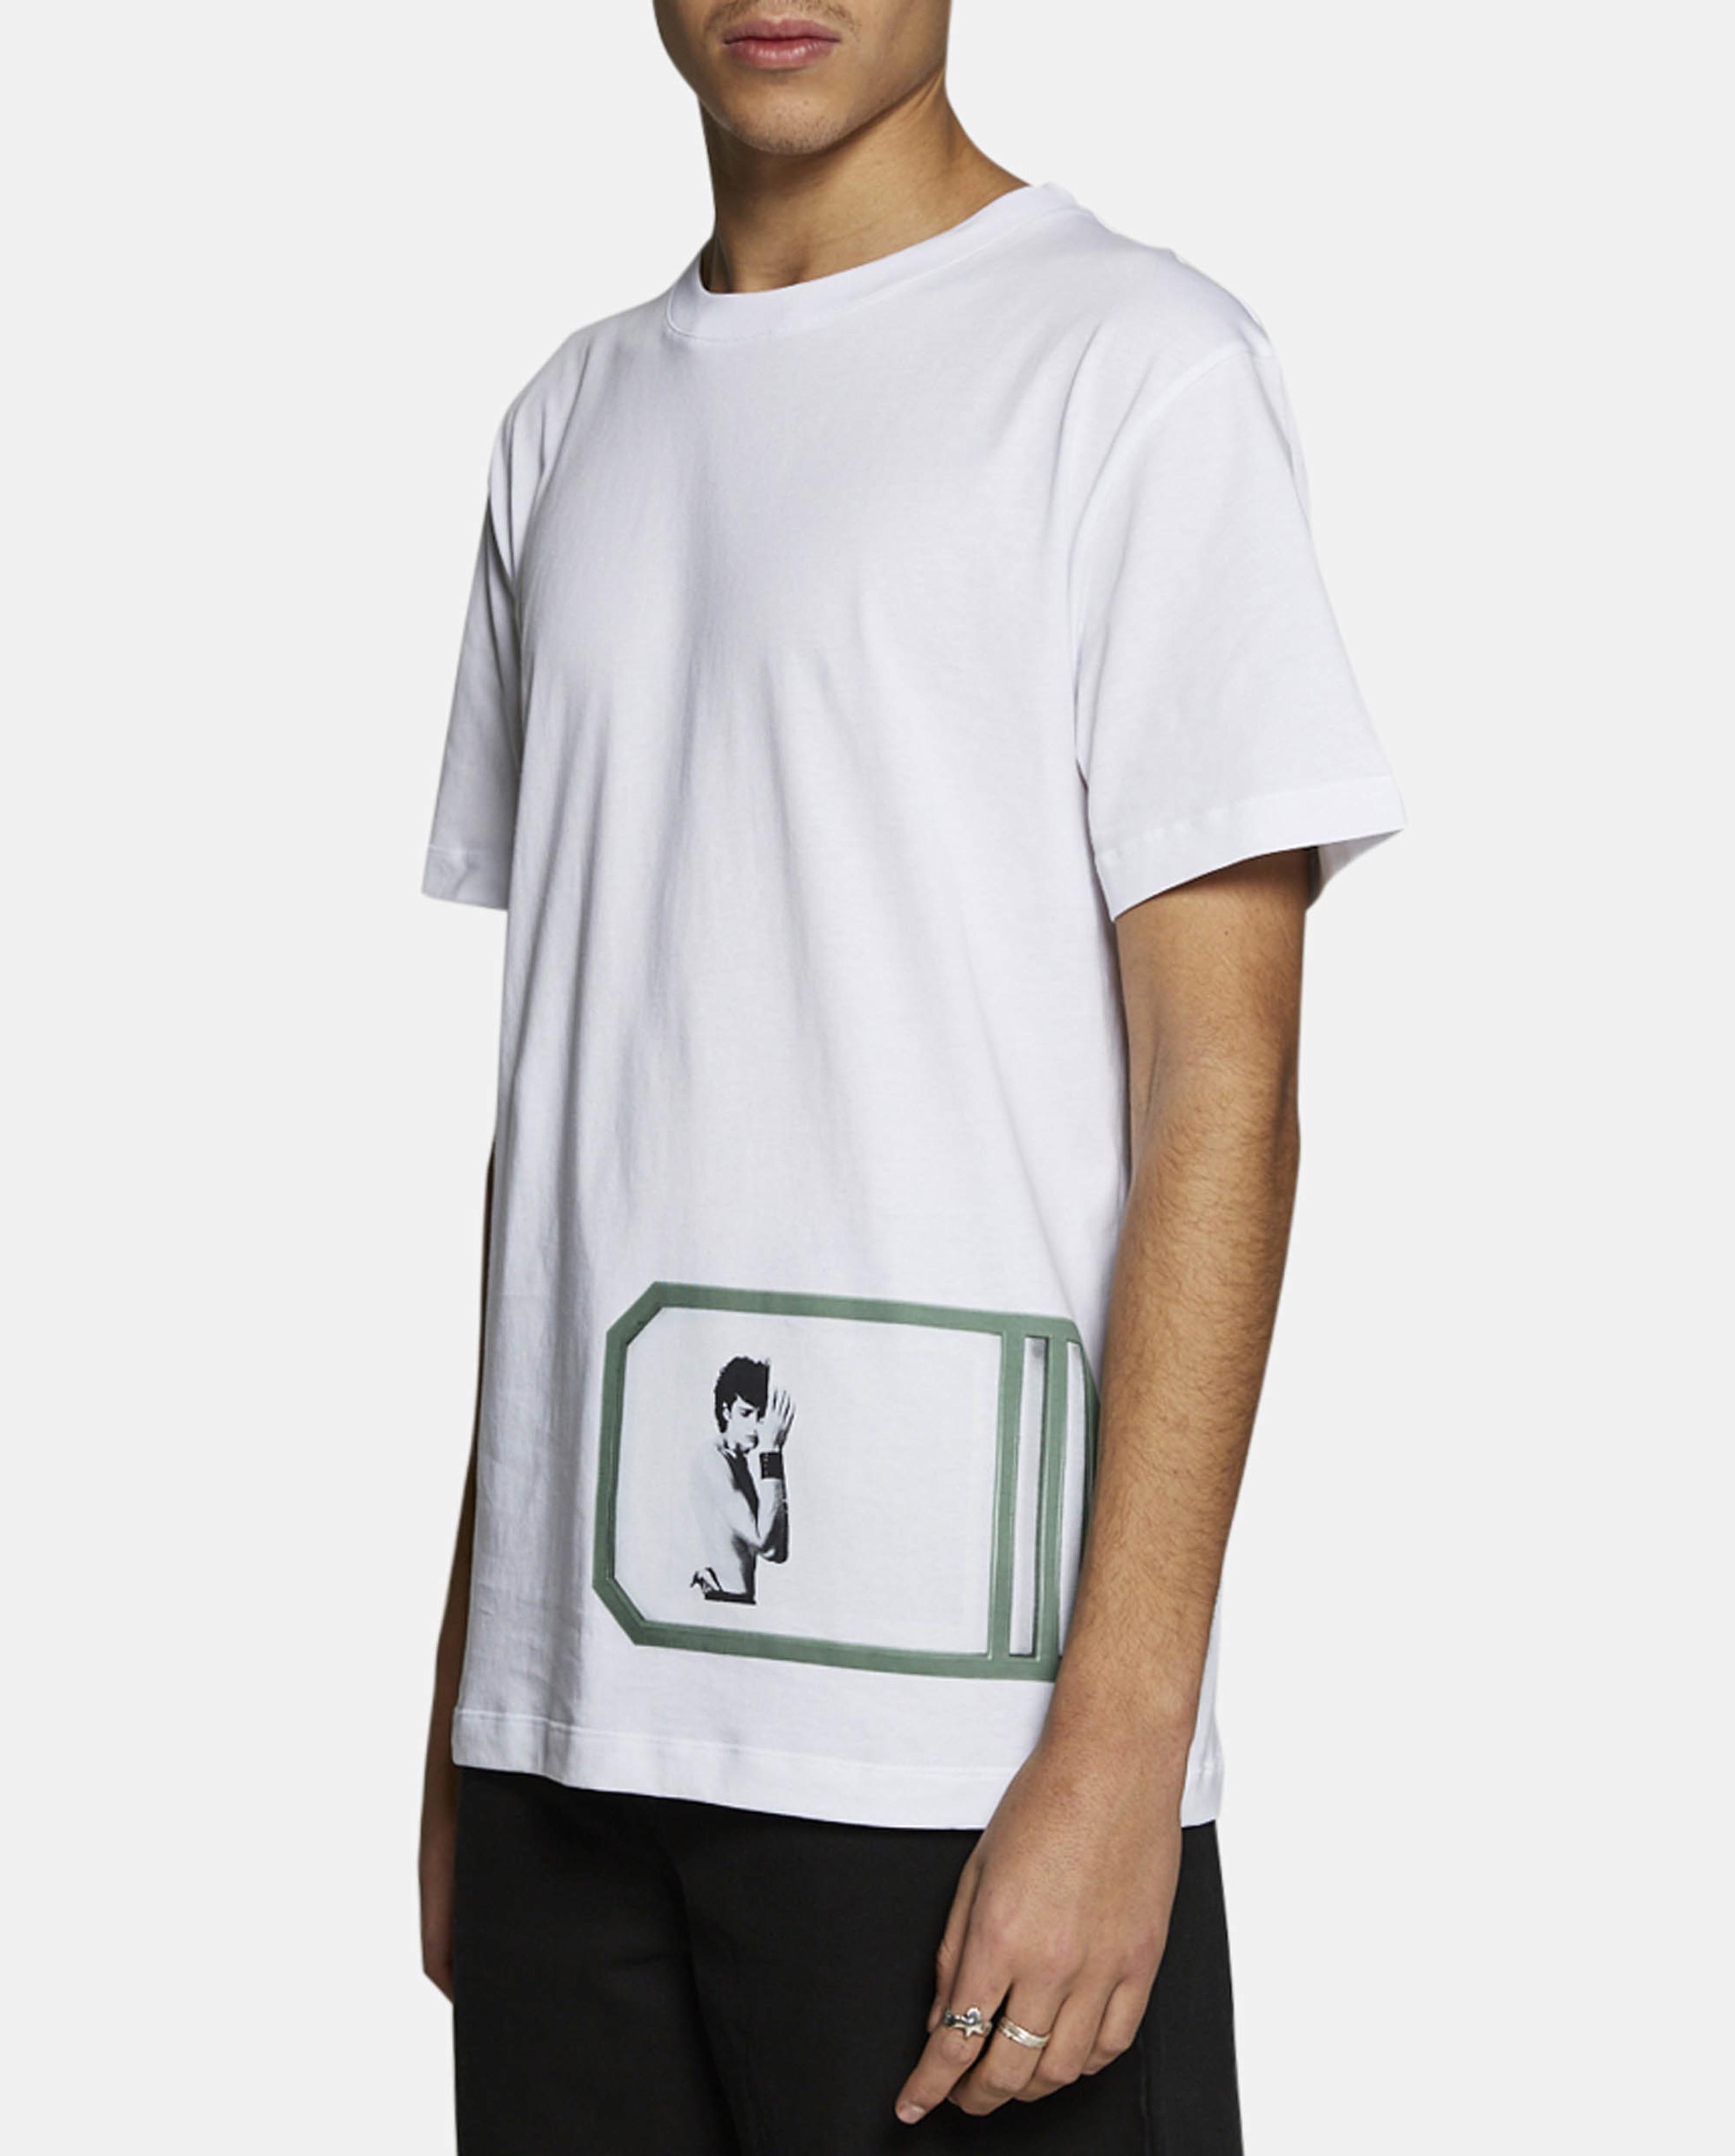 Lyst raf simons self portrait t shirt in white for men for Raf simons robert mapplethorpe shirt